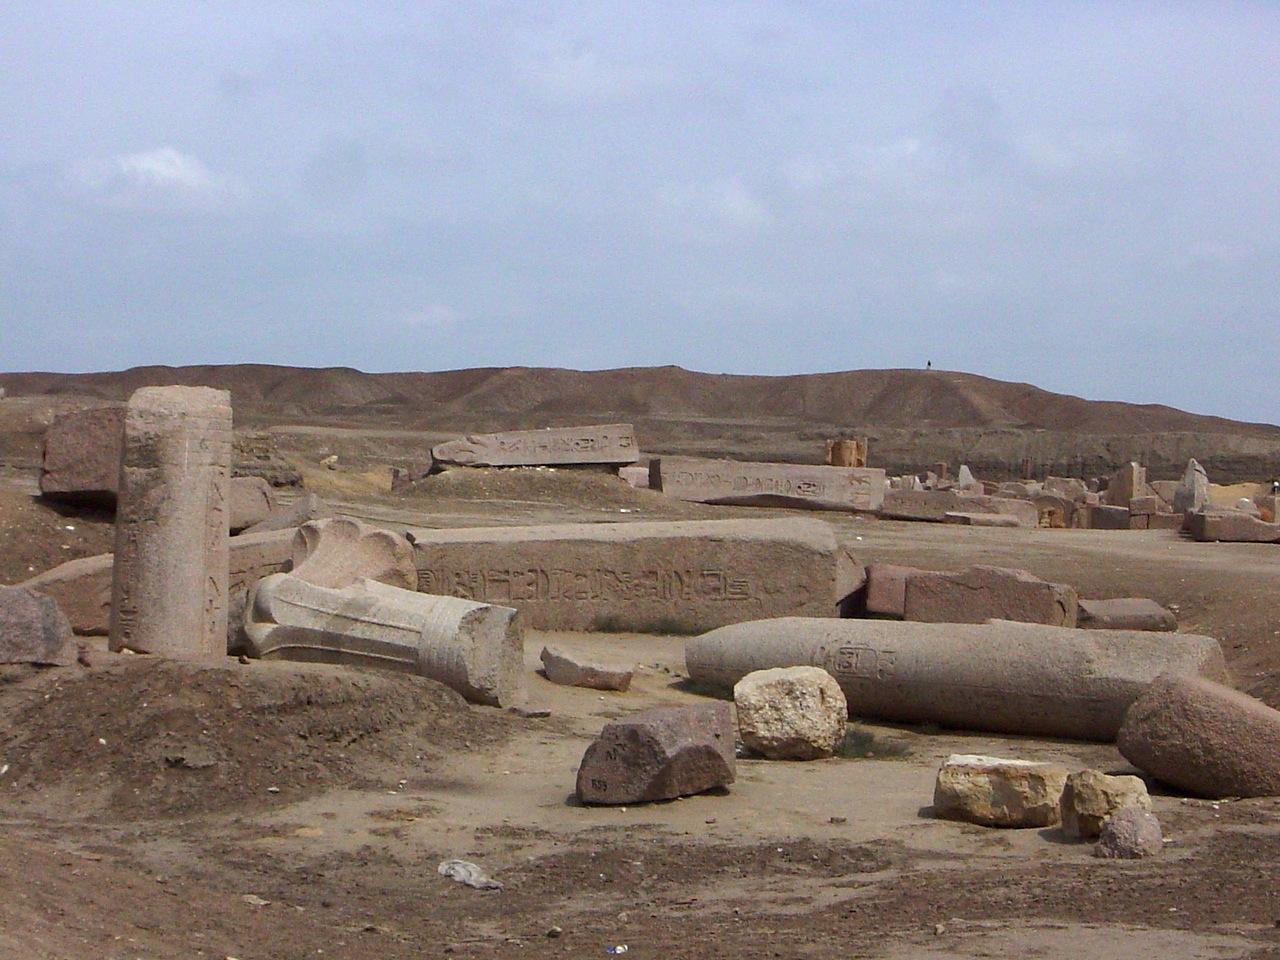 تانيس ..مدينة الغموض والتوابيت والكباش والبحيرات المقدسة